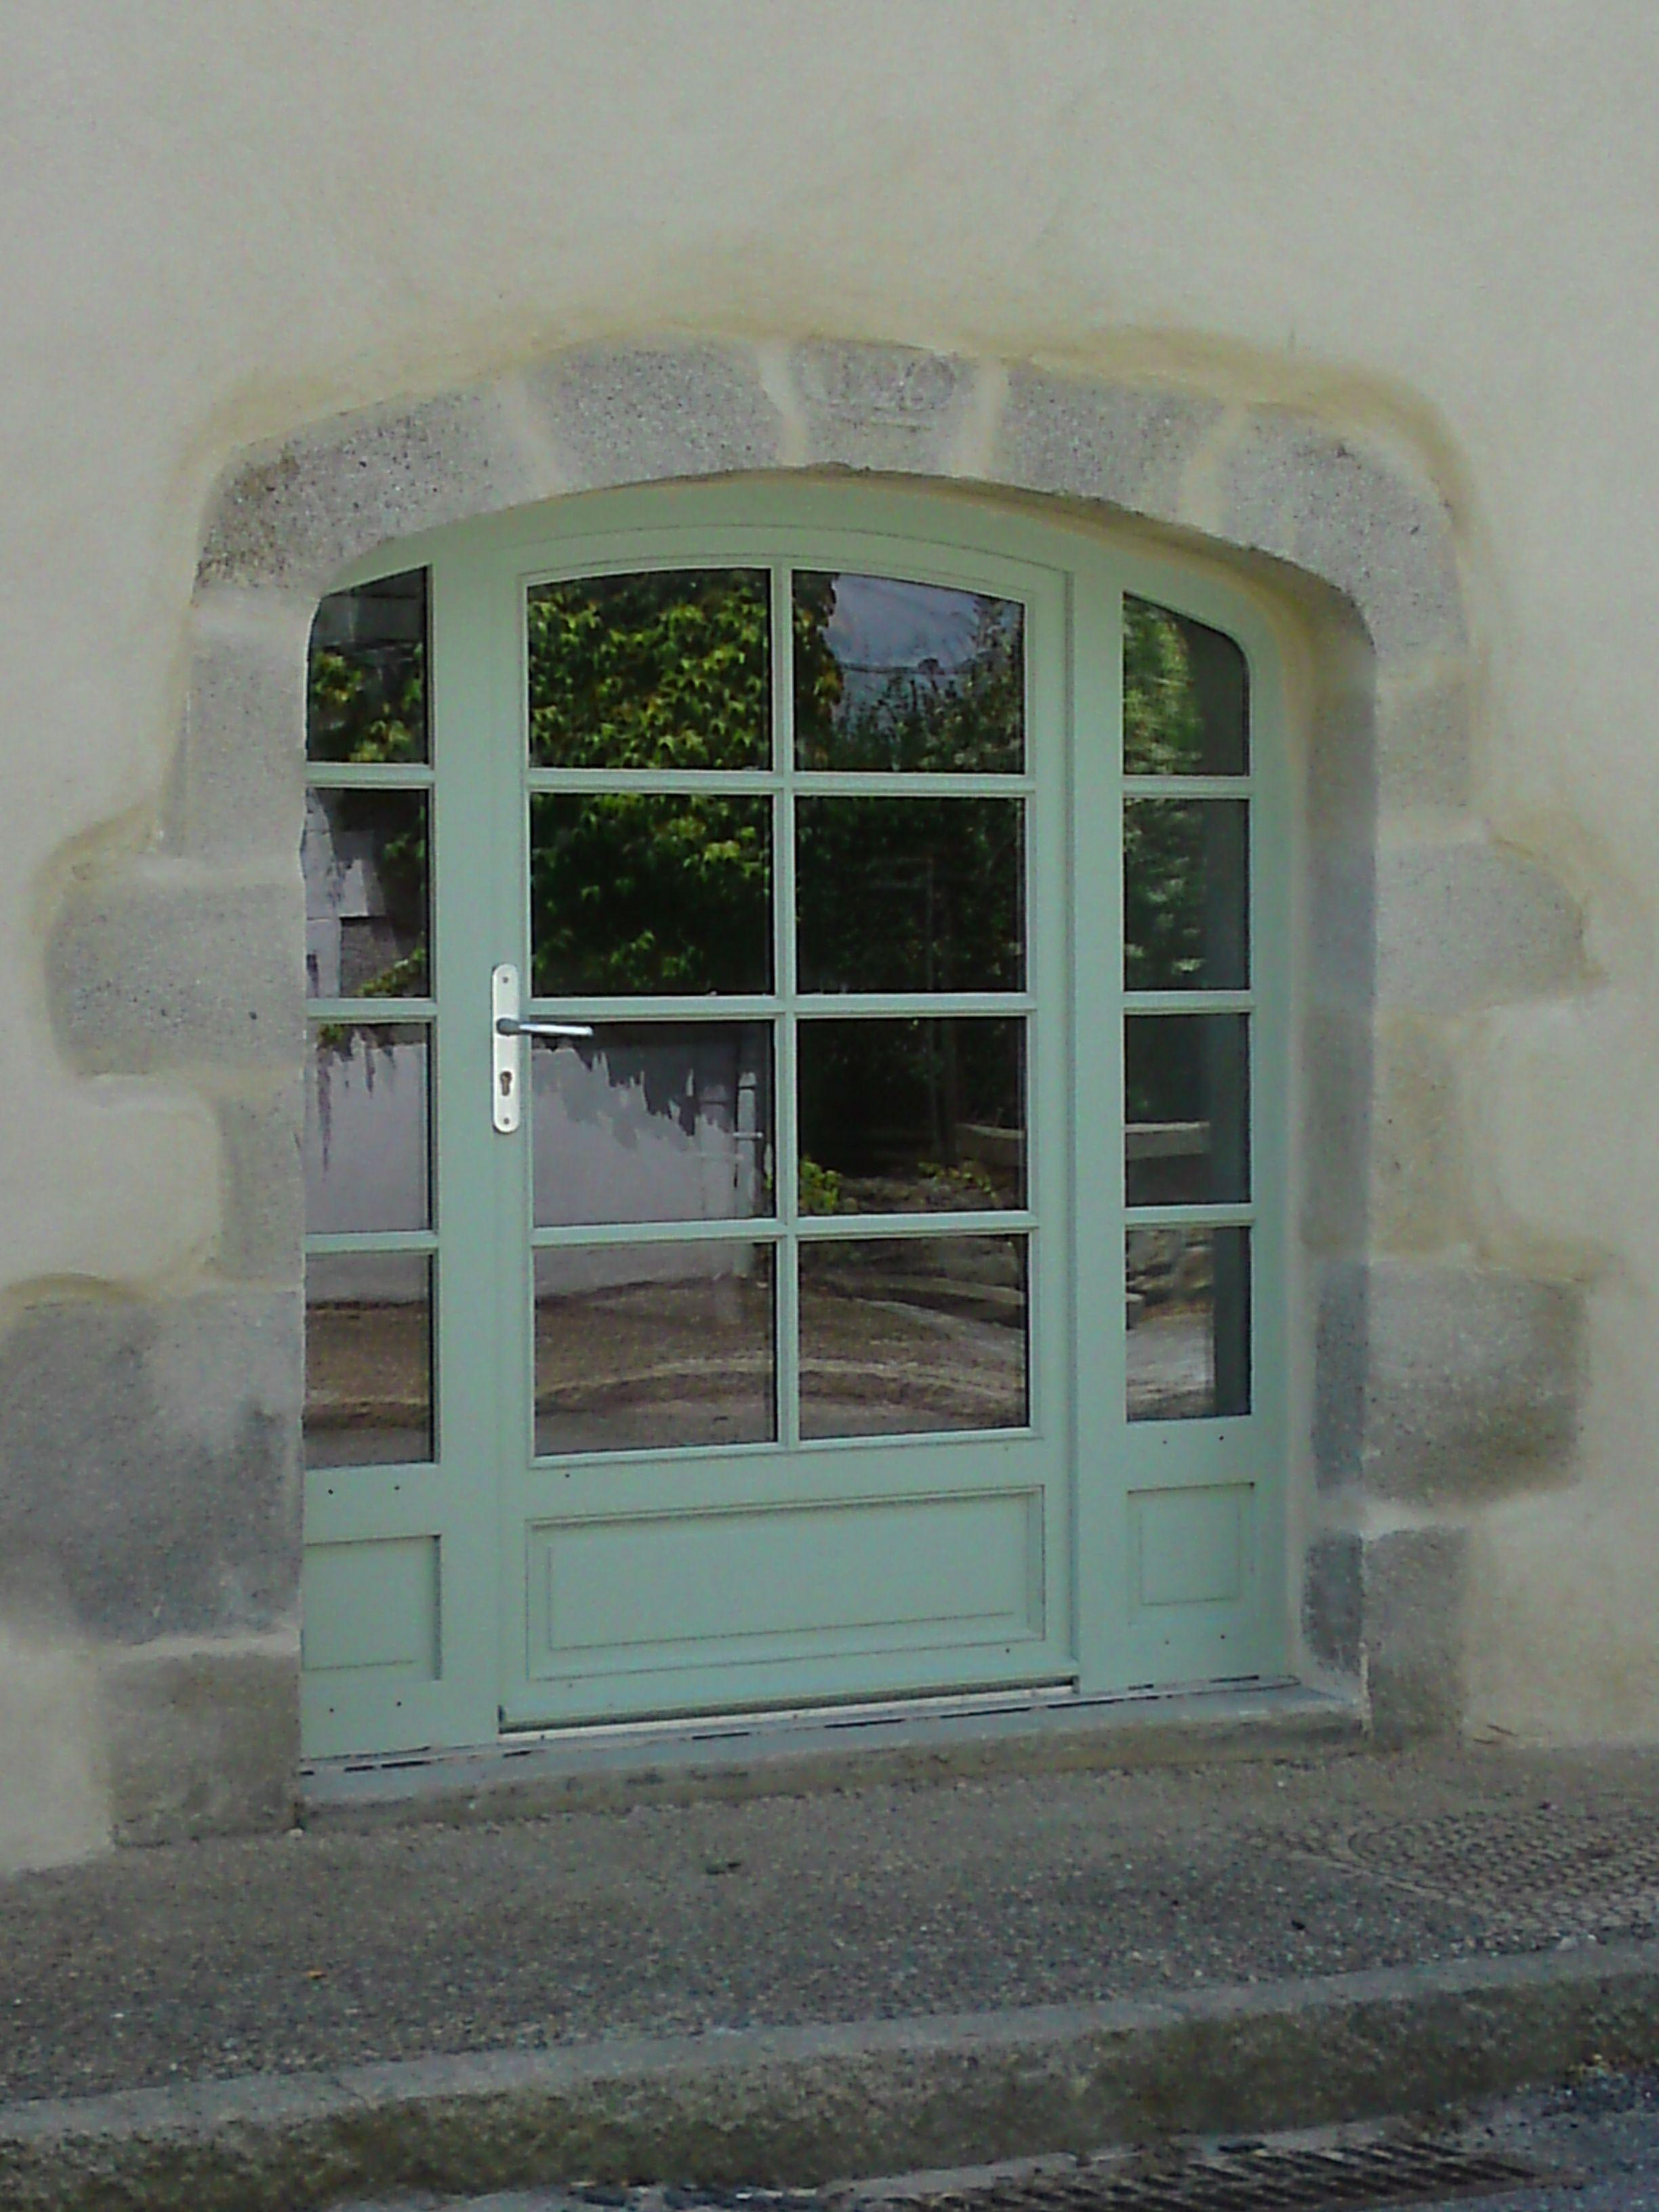 Free ensemble cintr compos duune portefentre vantail avec deux fixes latraux with porte fenetre for Fenetre un vantail bois